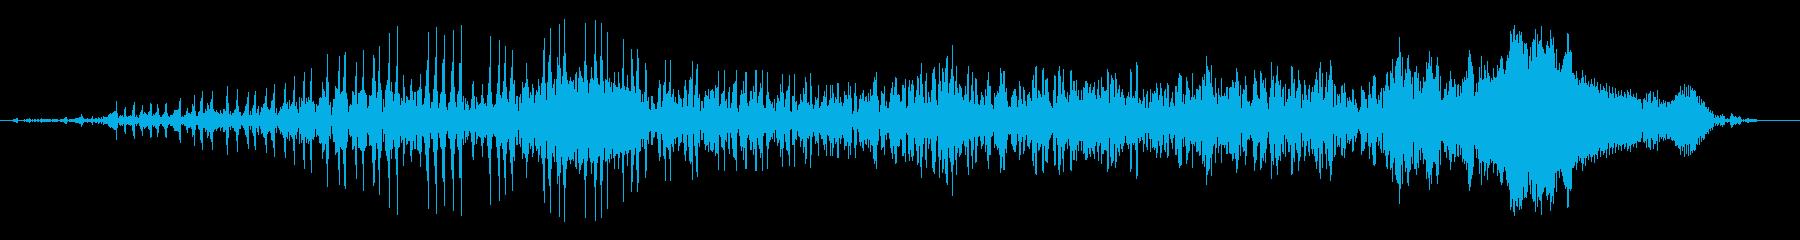 ゾンビの声(唸り声)の再生済みの波形